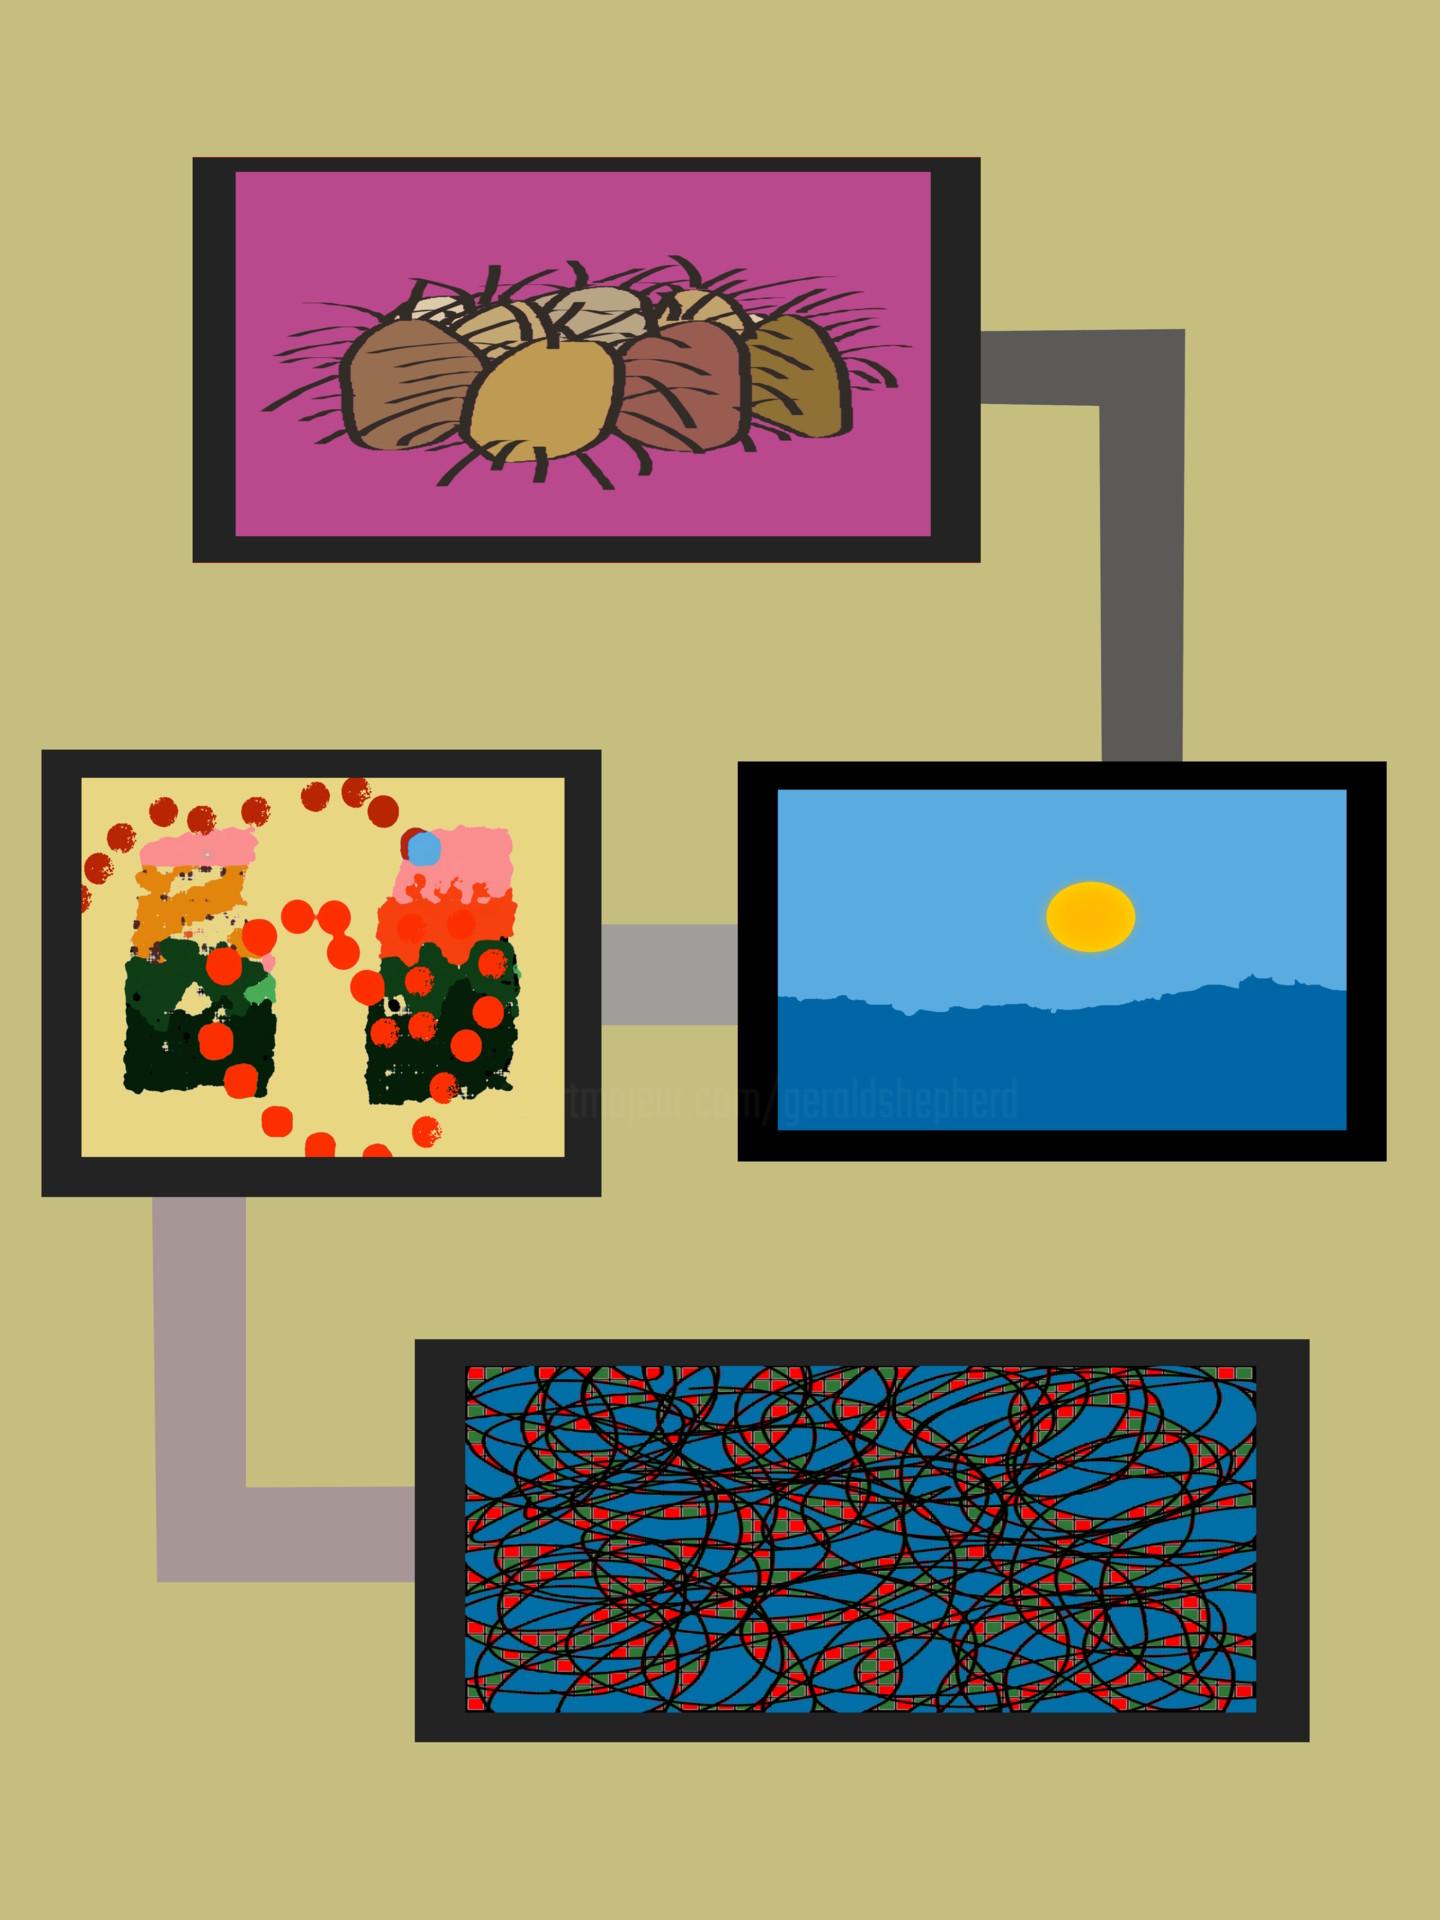 Gerald Shepherd - Paintings That Talk